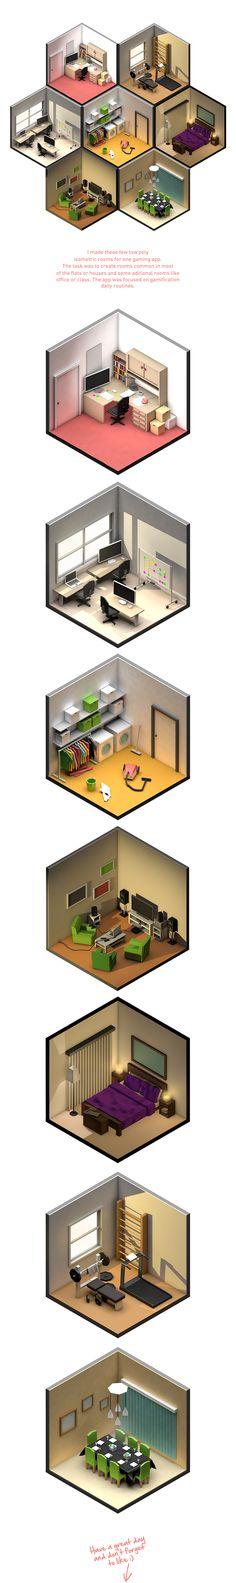 https://www.behance.net/gallery/14591327/Low-Poly-rooms